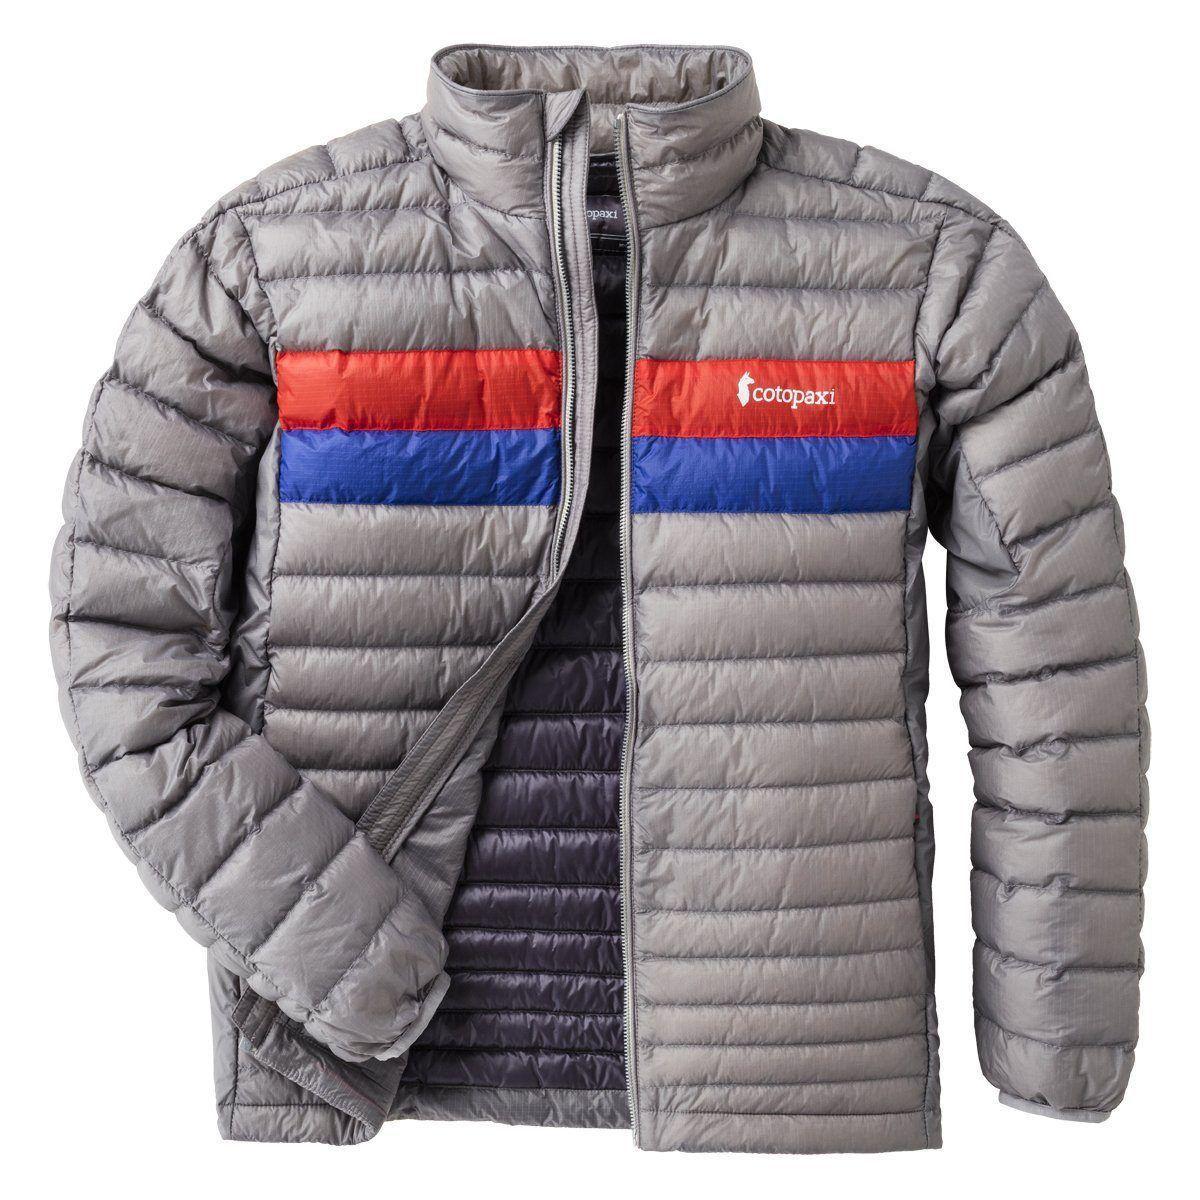 Cotopaxi Fuego jacket.jpg